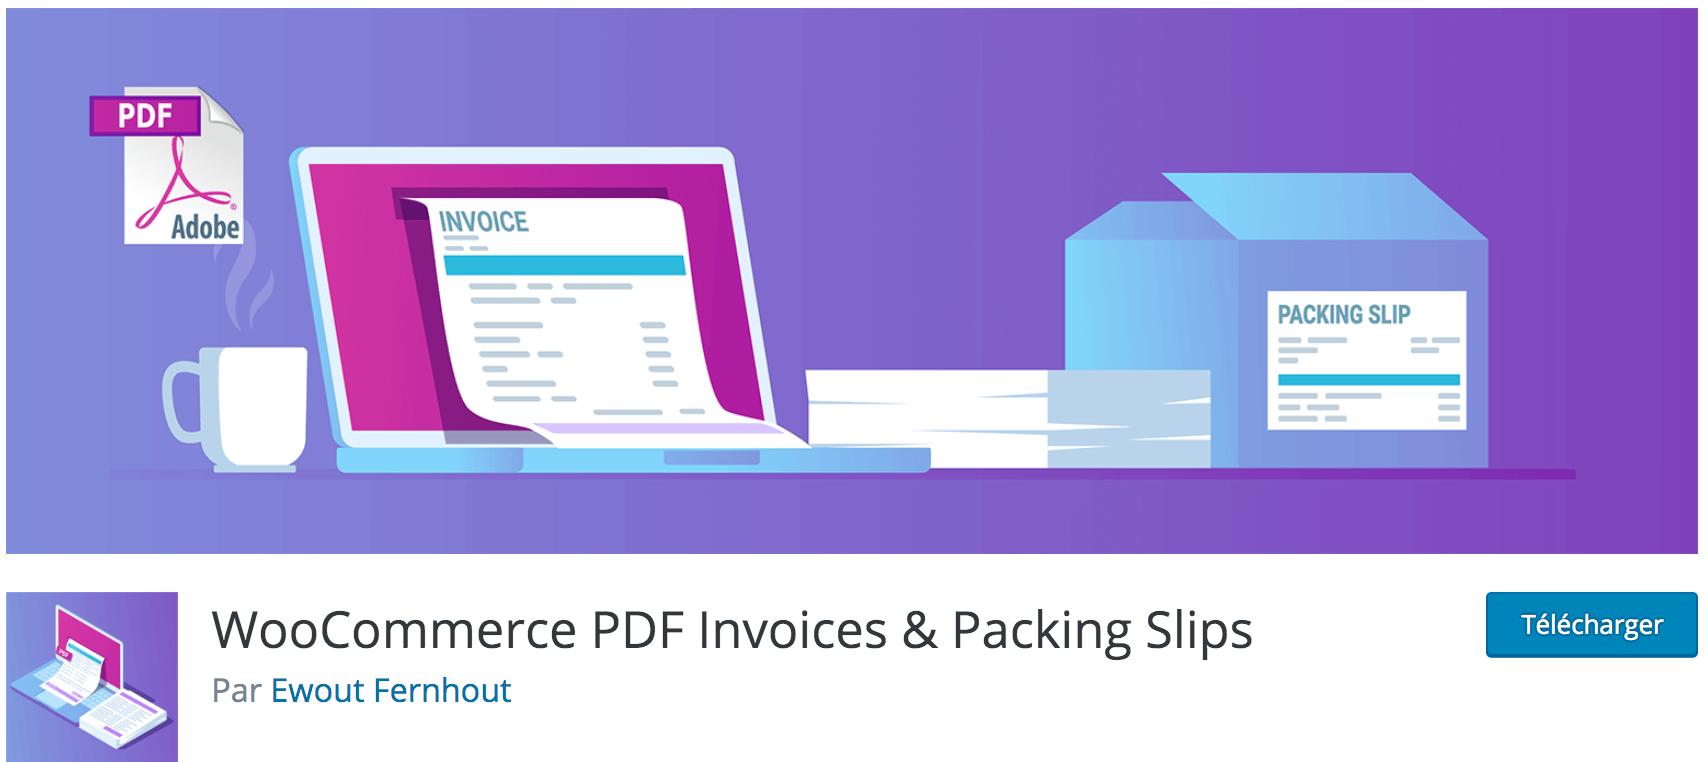 Avis sur WooCommerce PDF Invoices & Packing Slips plugin gratuit indispensable pour générer et envoyer des factures PDF à vos clients WooCommerce